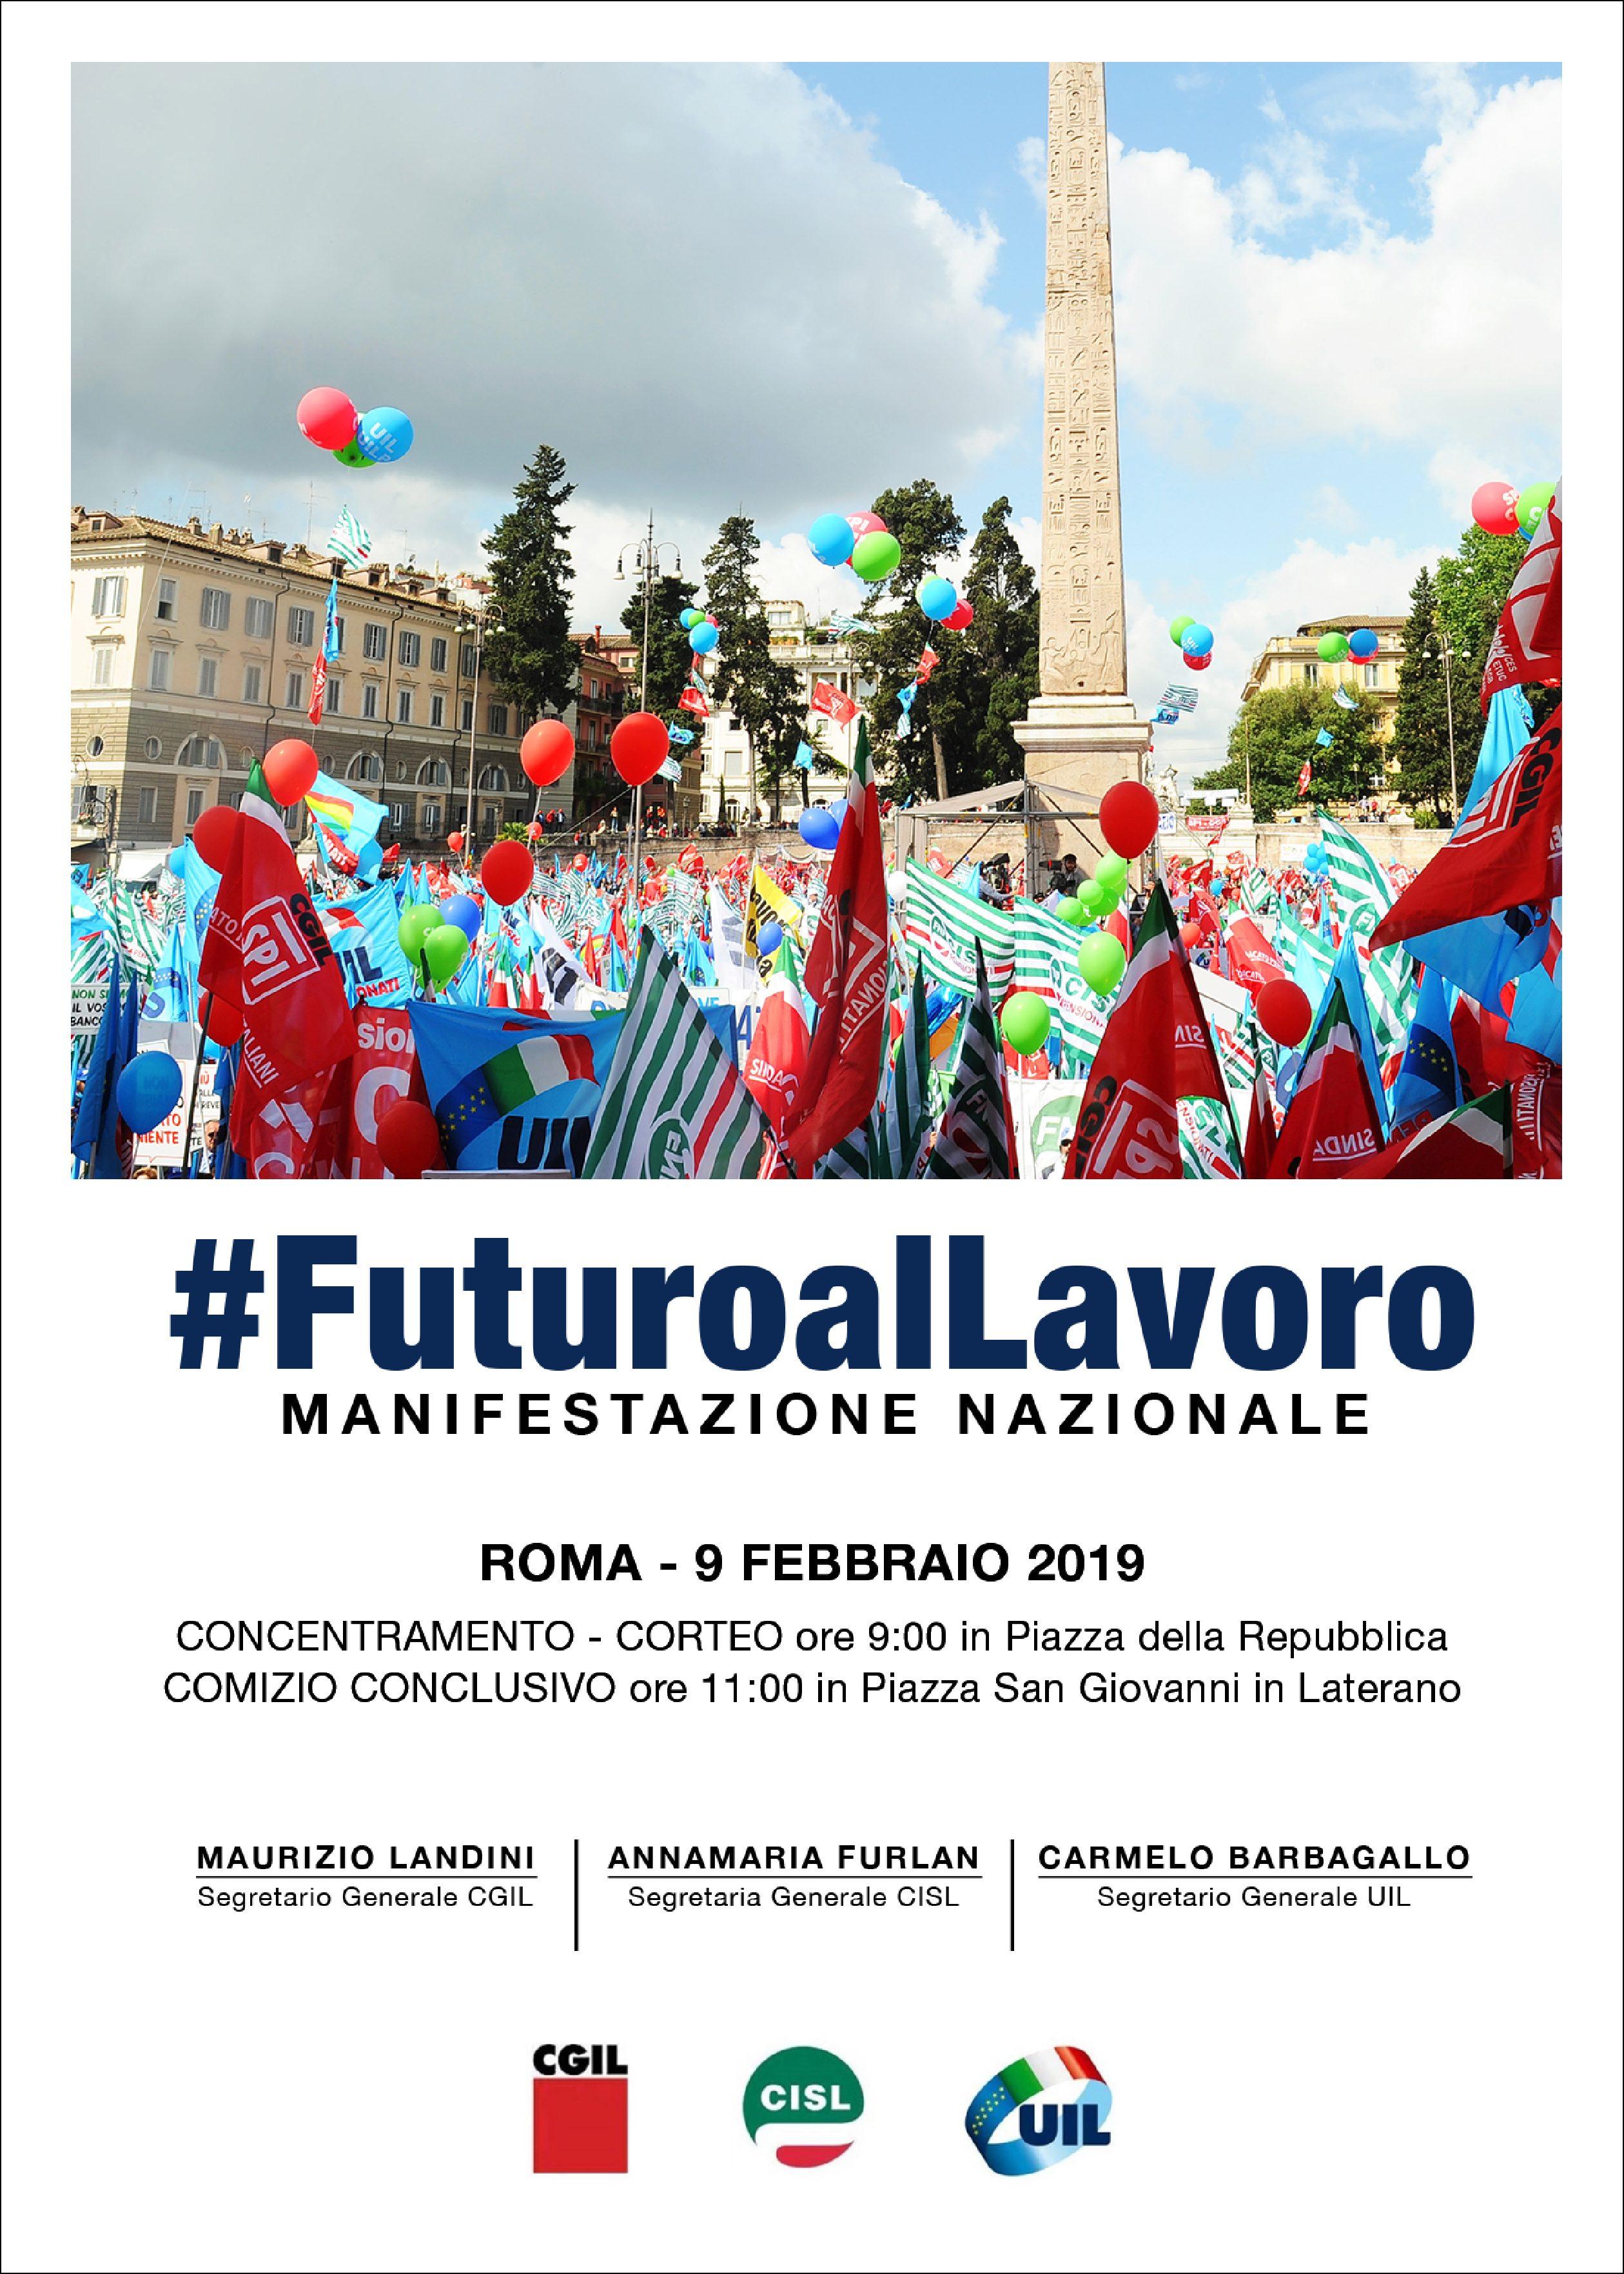 «UNA MANOVRA CHE NON CREA SVILUPPO»: DAL FVG 1.600 A ROMA CON CGIL, CISL E UIL